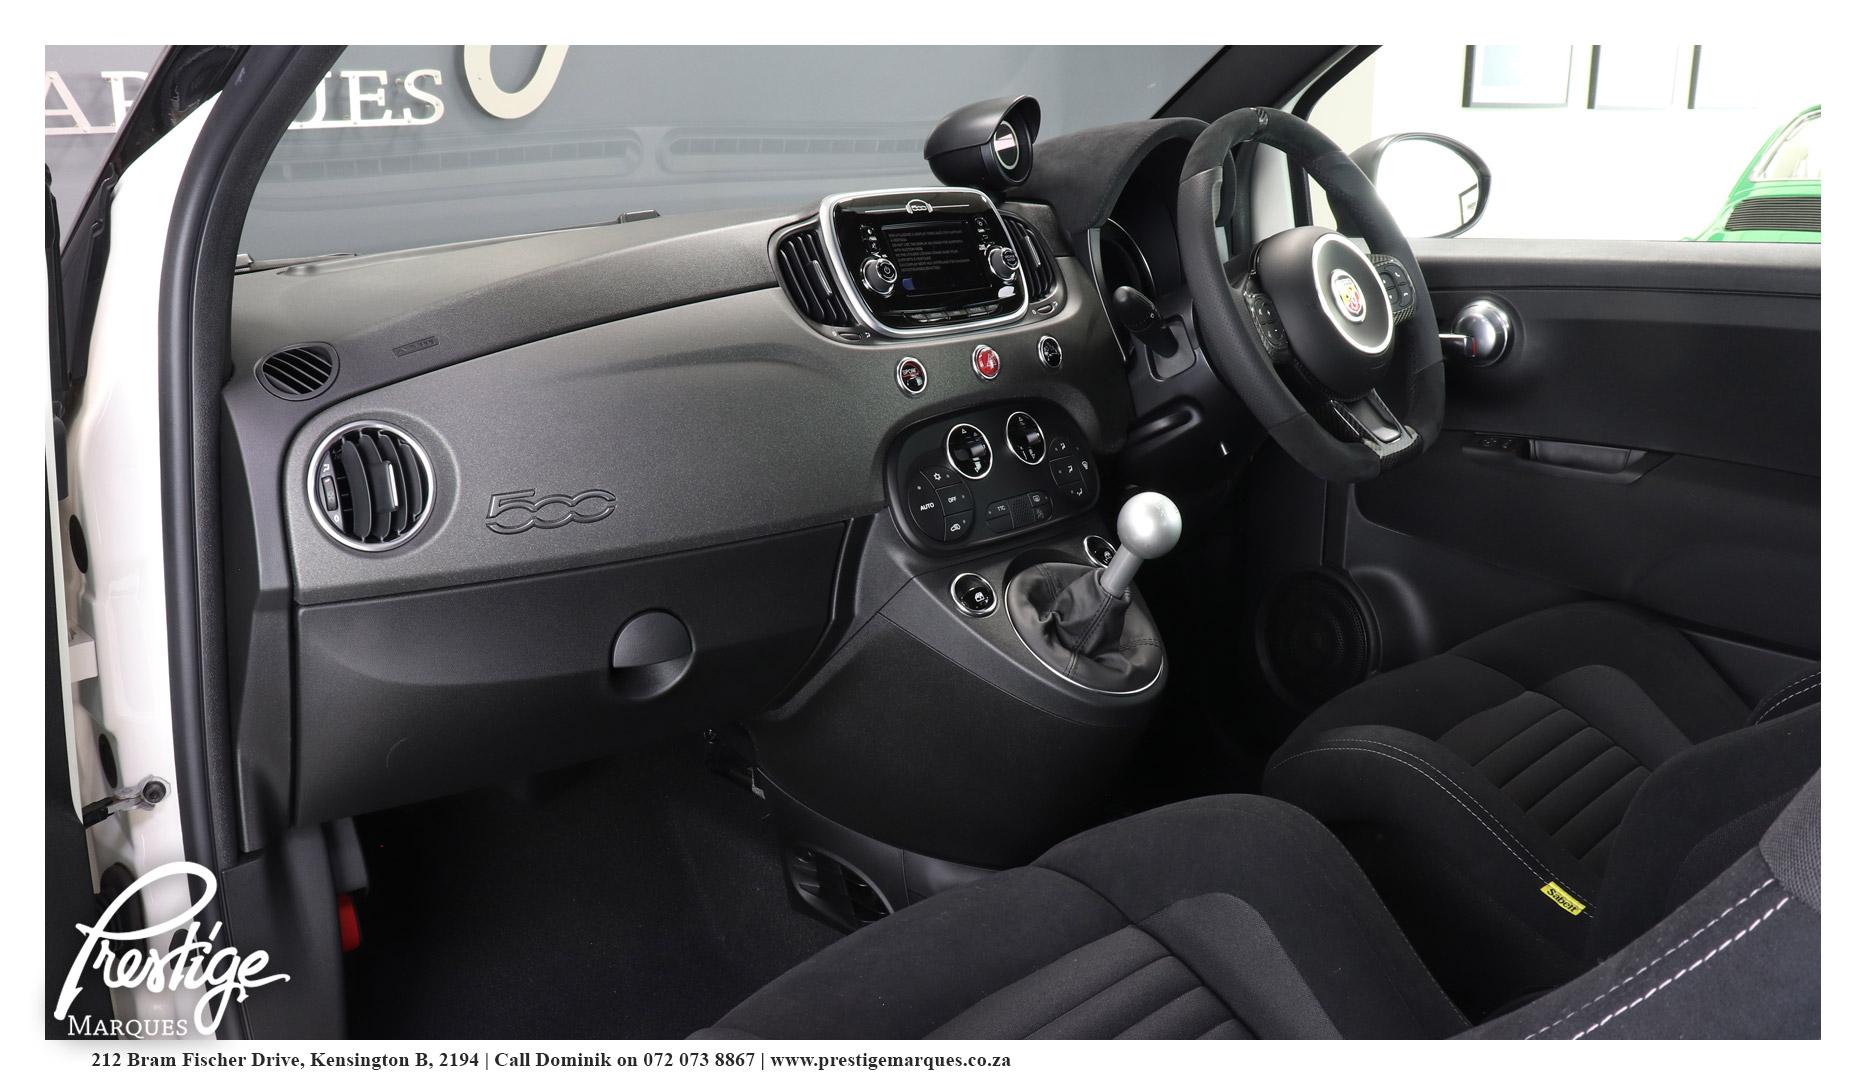 2020-Fiat-Abarth-595-Competizione-Manual-Prestige-Marques-Randburg-Sandton-18